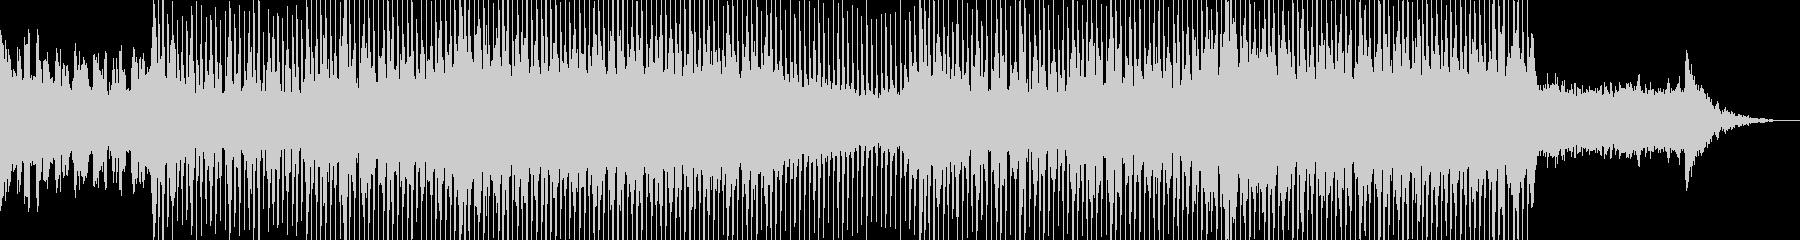 EDMクラブ系ダンスミュージック-03の未再生の波形